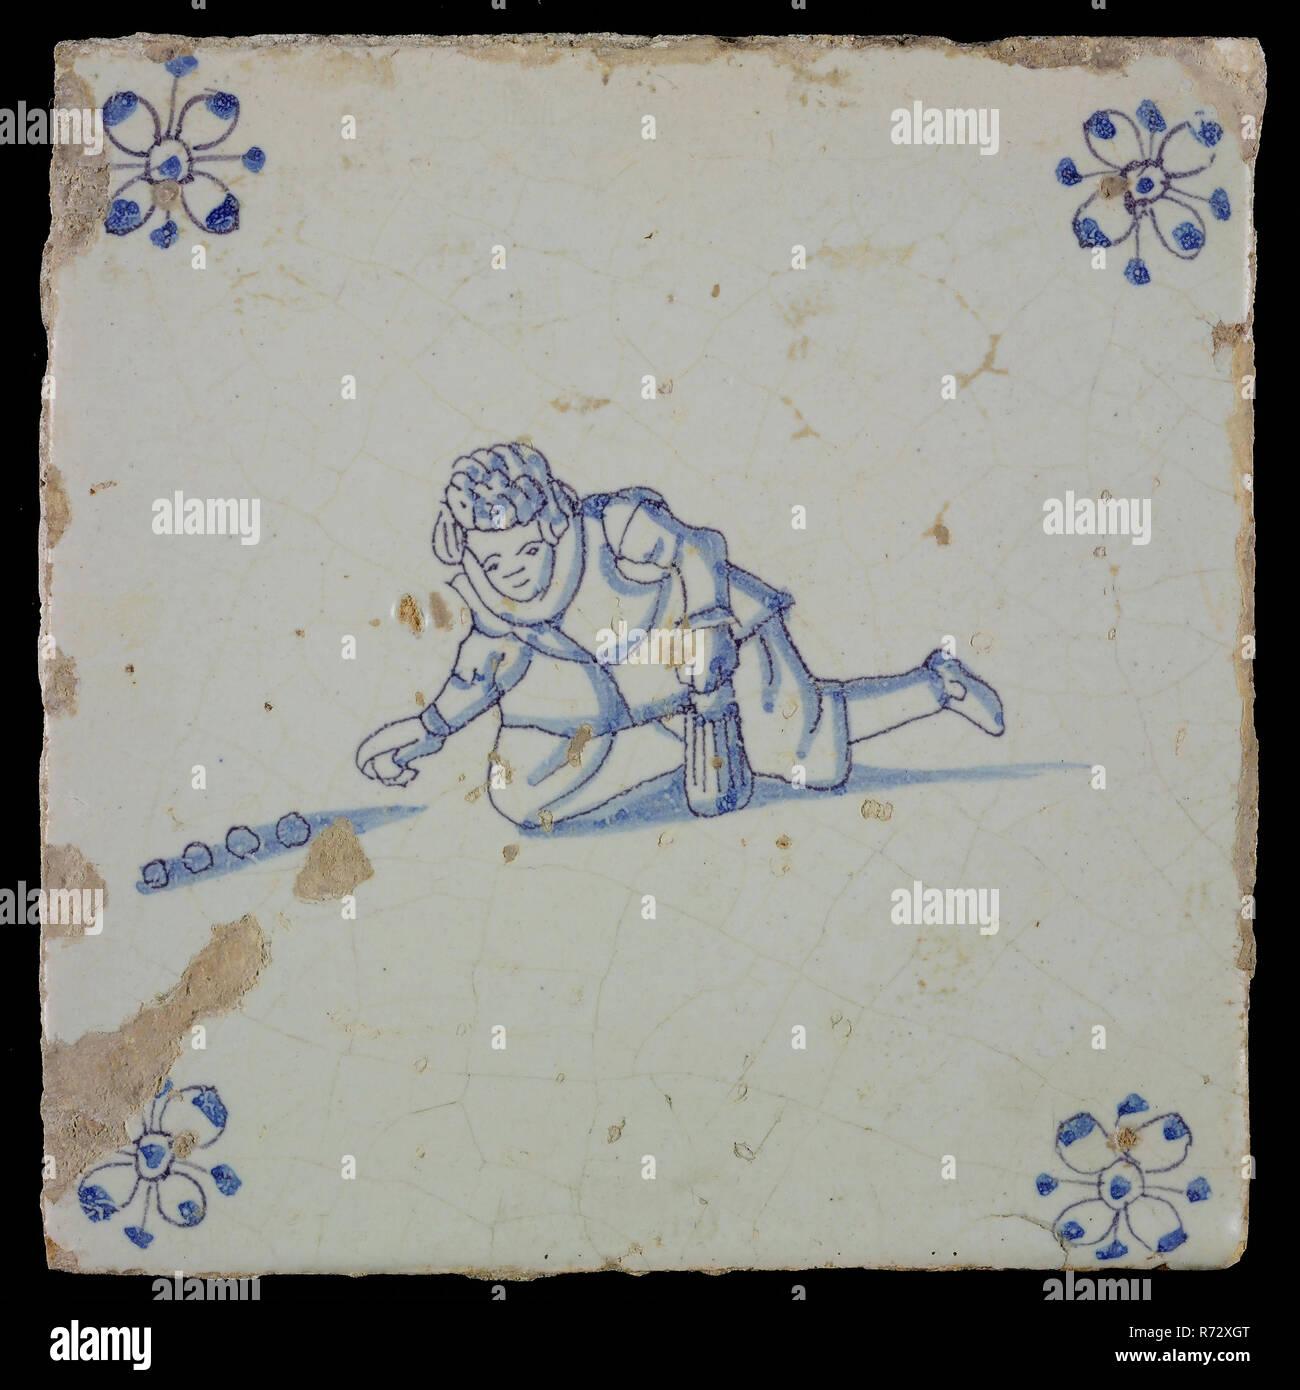 Szene Fliesen Kinderspiel Marmor Ecke Motiv Spinne Wandfliese